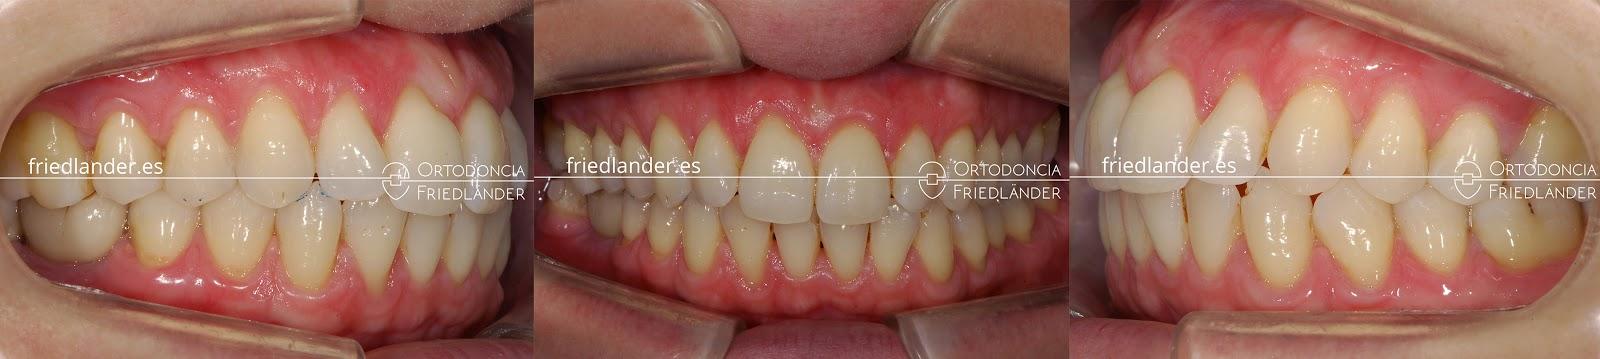 Me falta una muela - ¿se puede cerrar el espacio con ortodoncia? 8